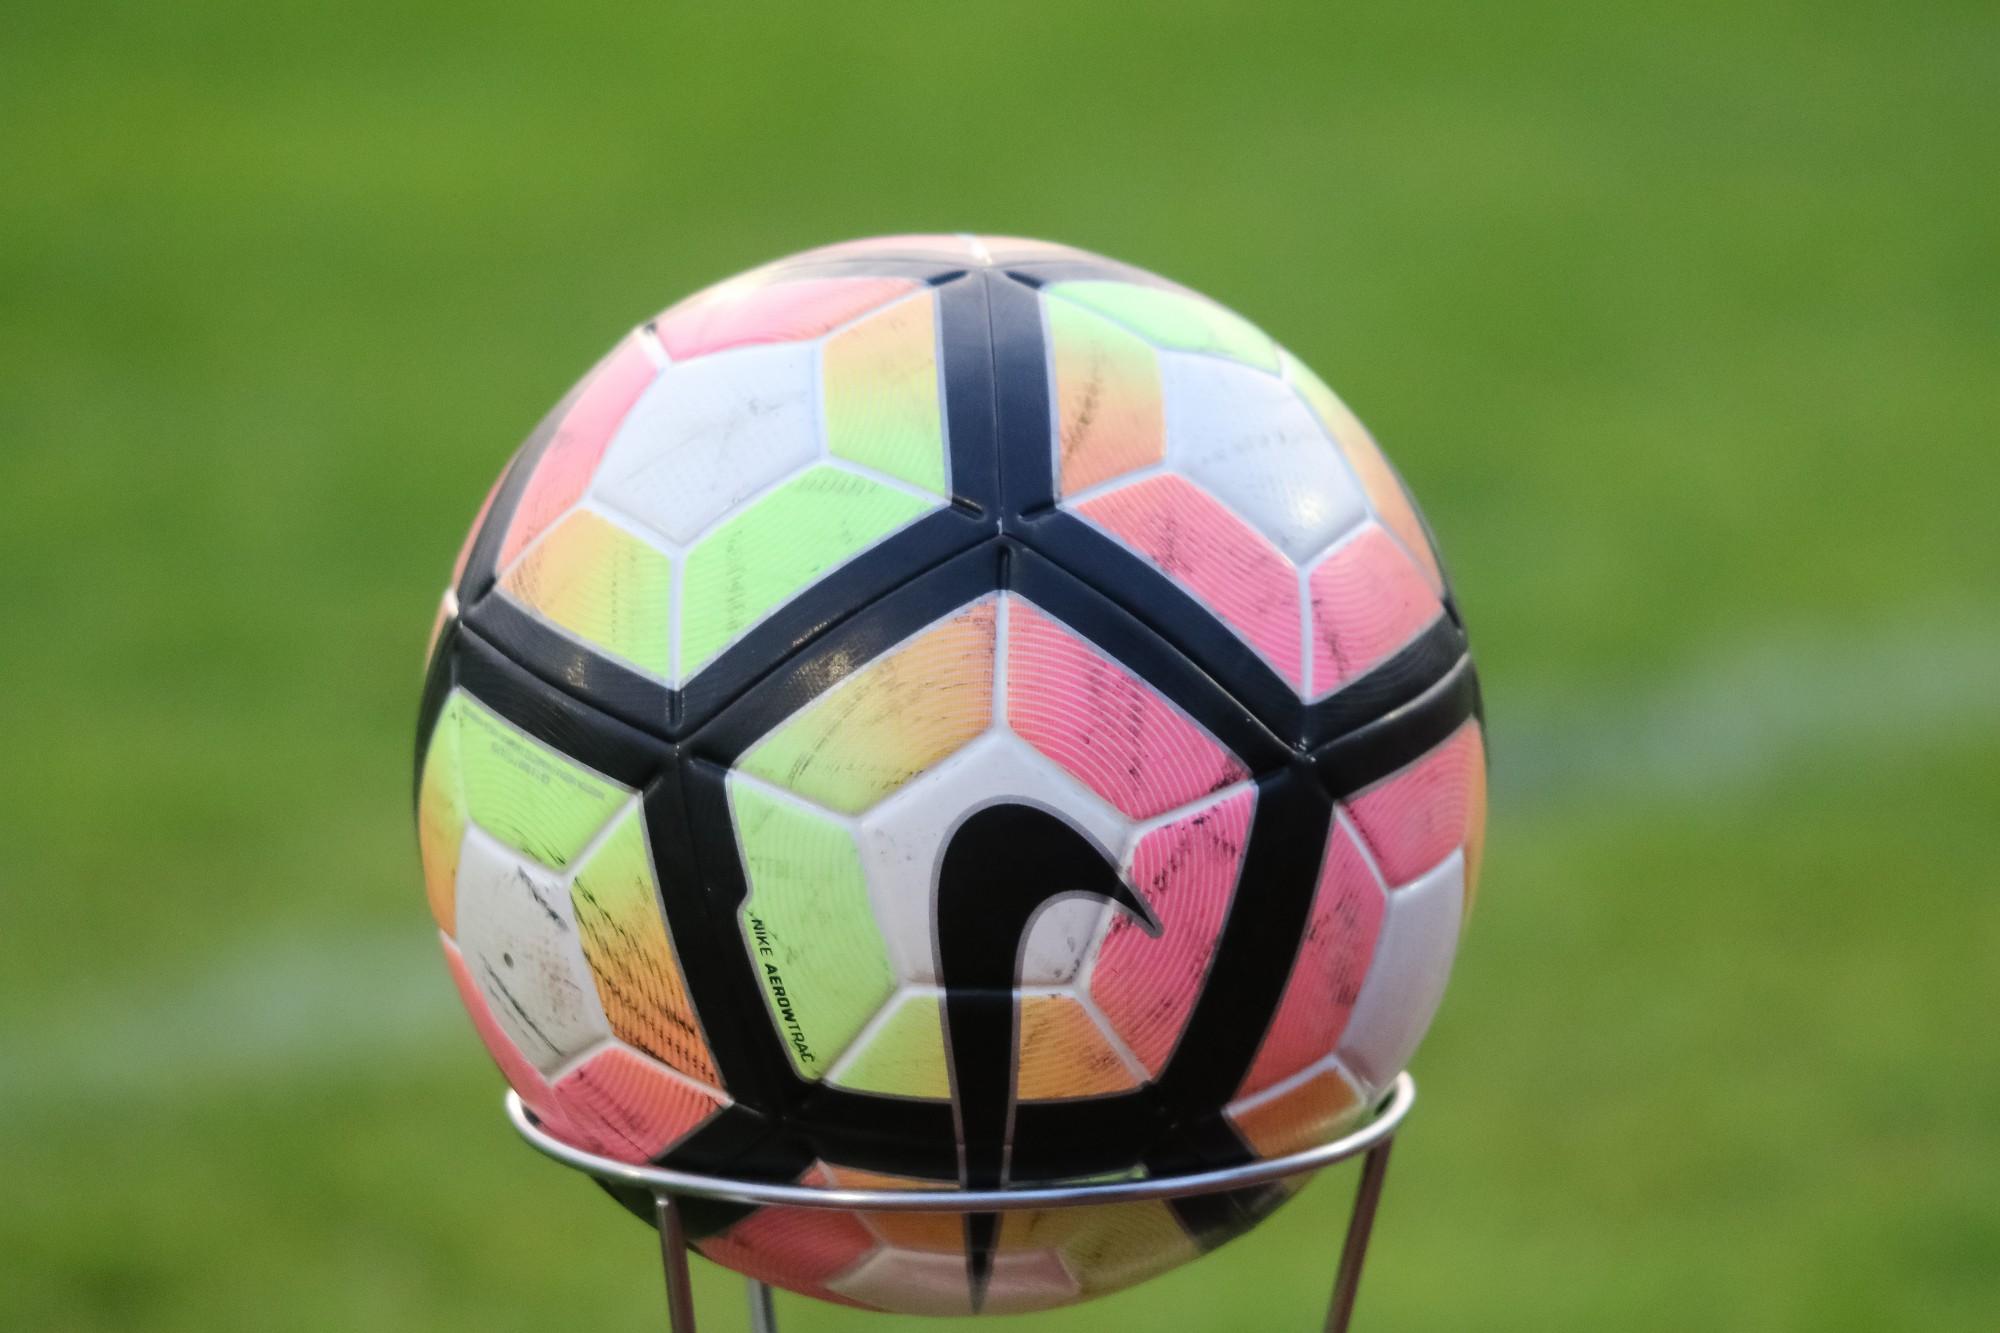 """Futbola dublieru čempionātā """"Liepāja-2"""" pārliecinoši pārspēja Valmieru"""